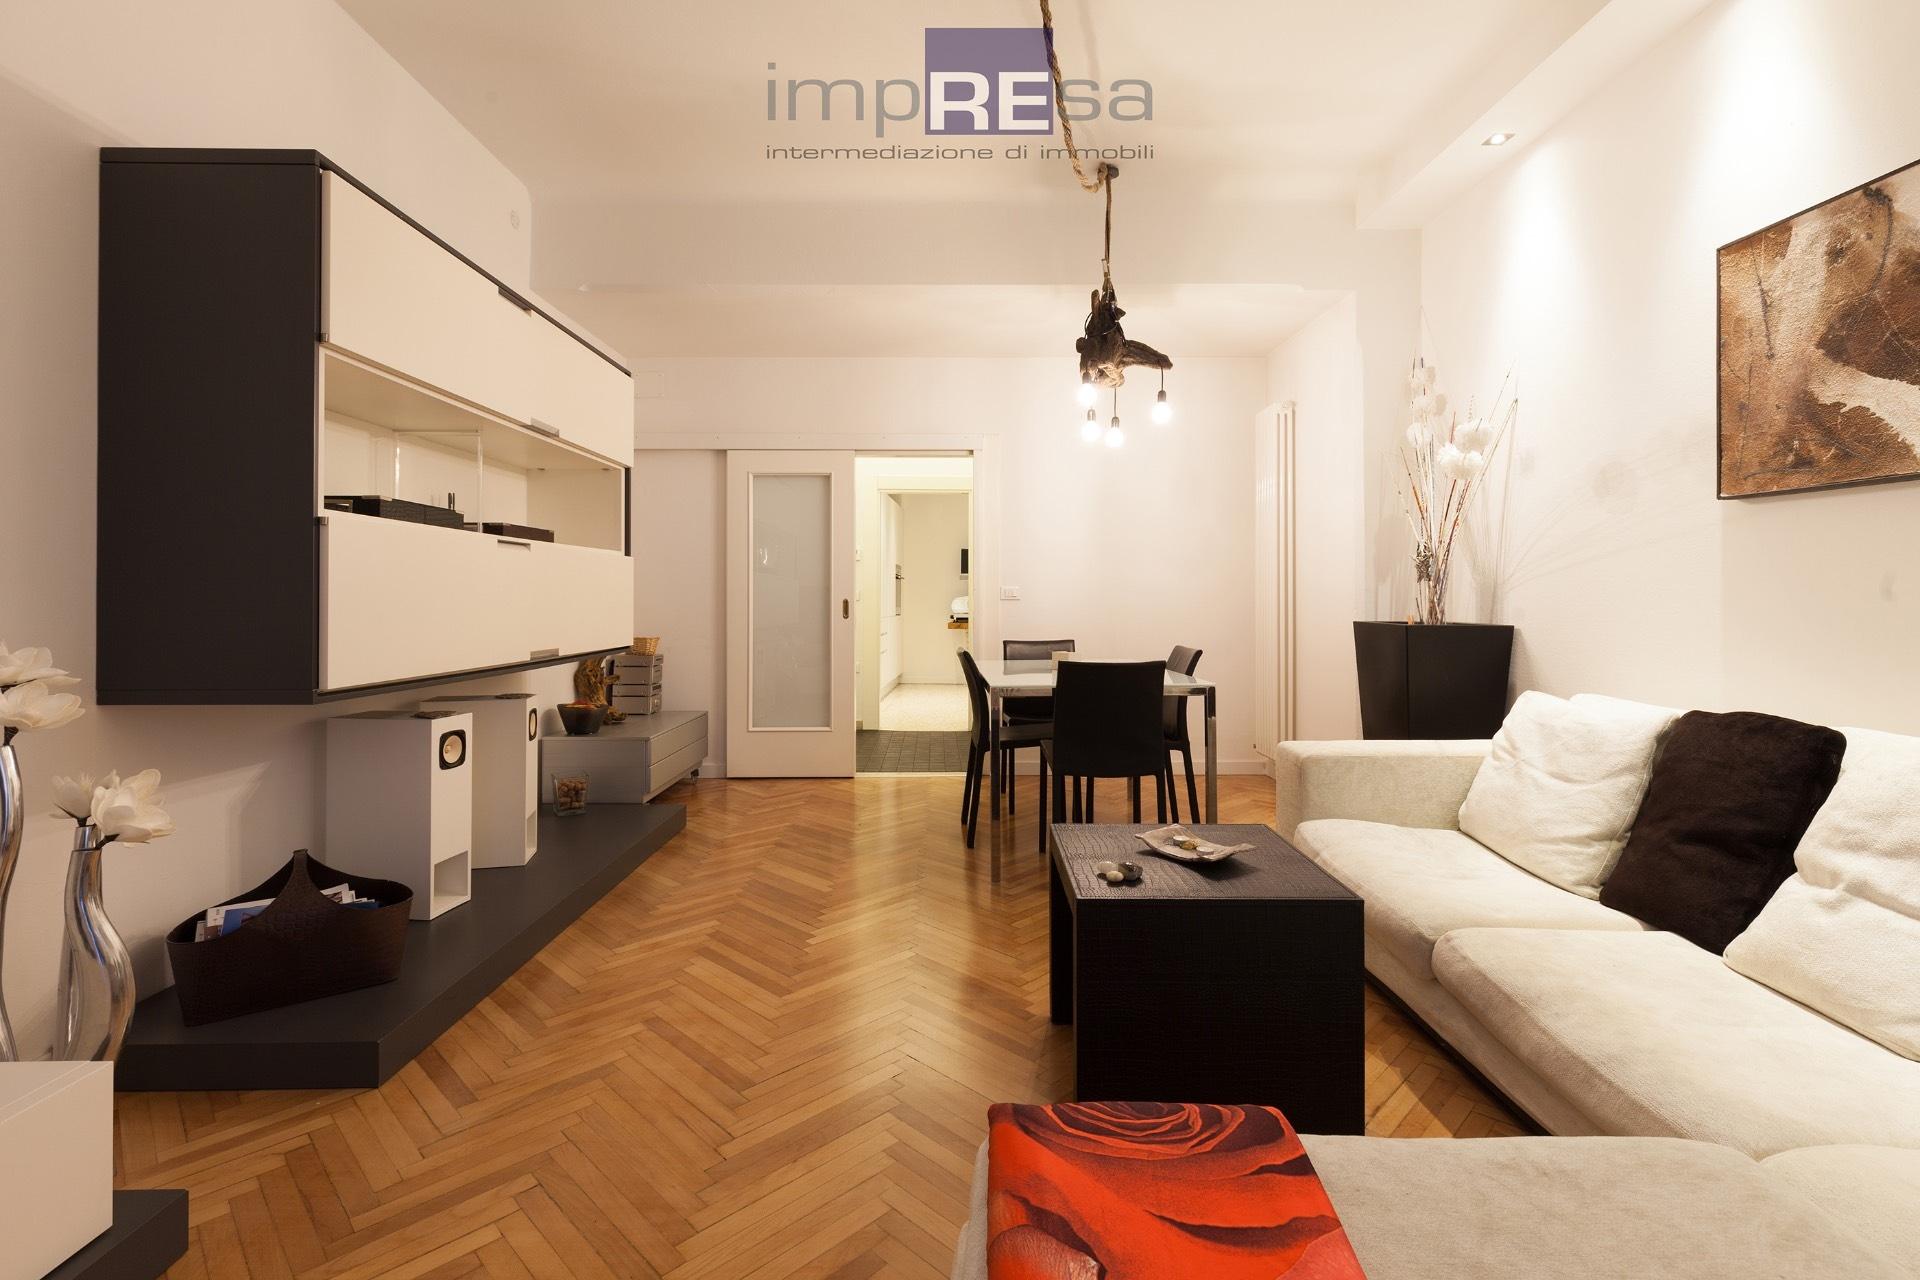 Appartamento in Vendita a Treviso - Cod. I/AL045